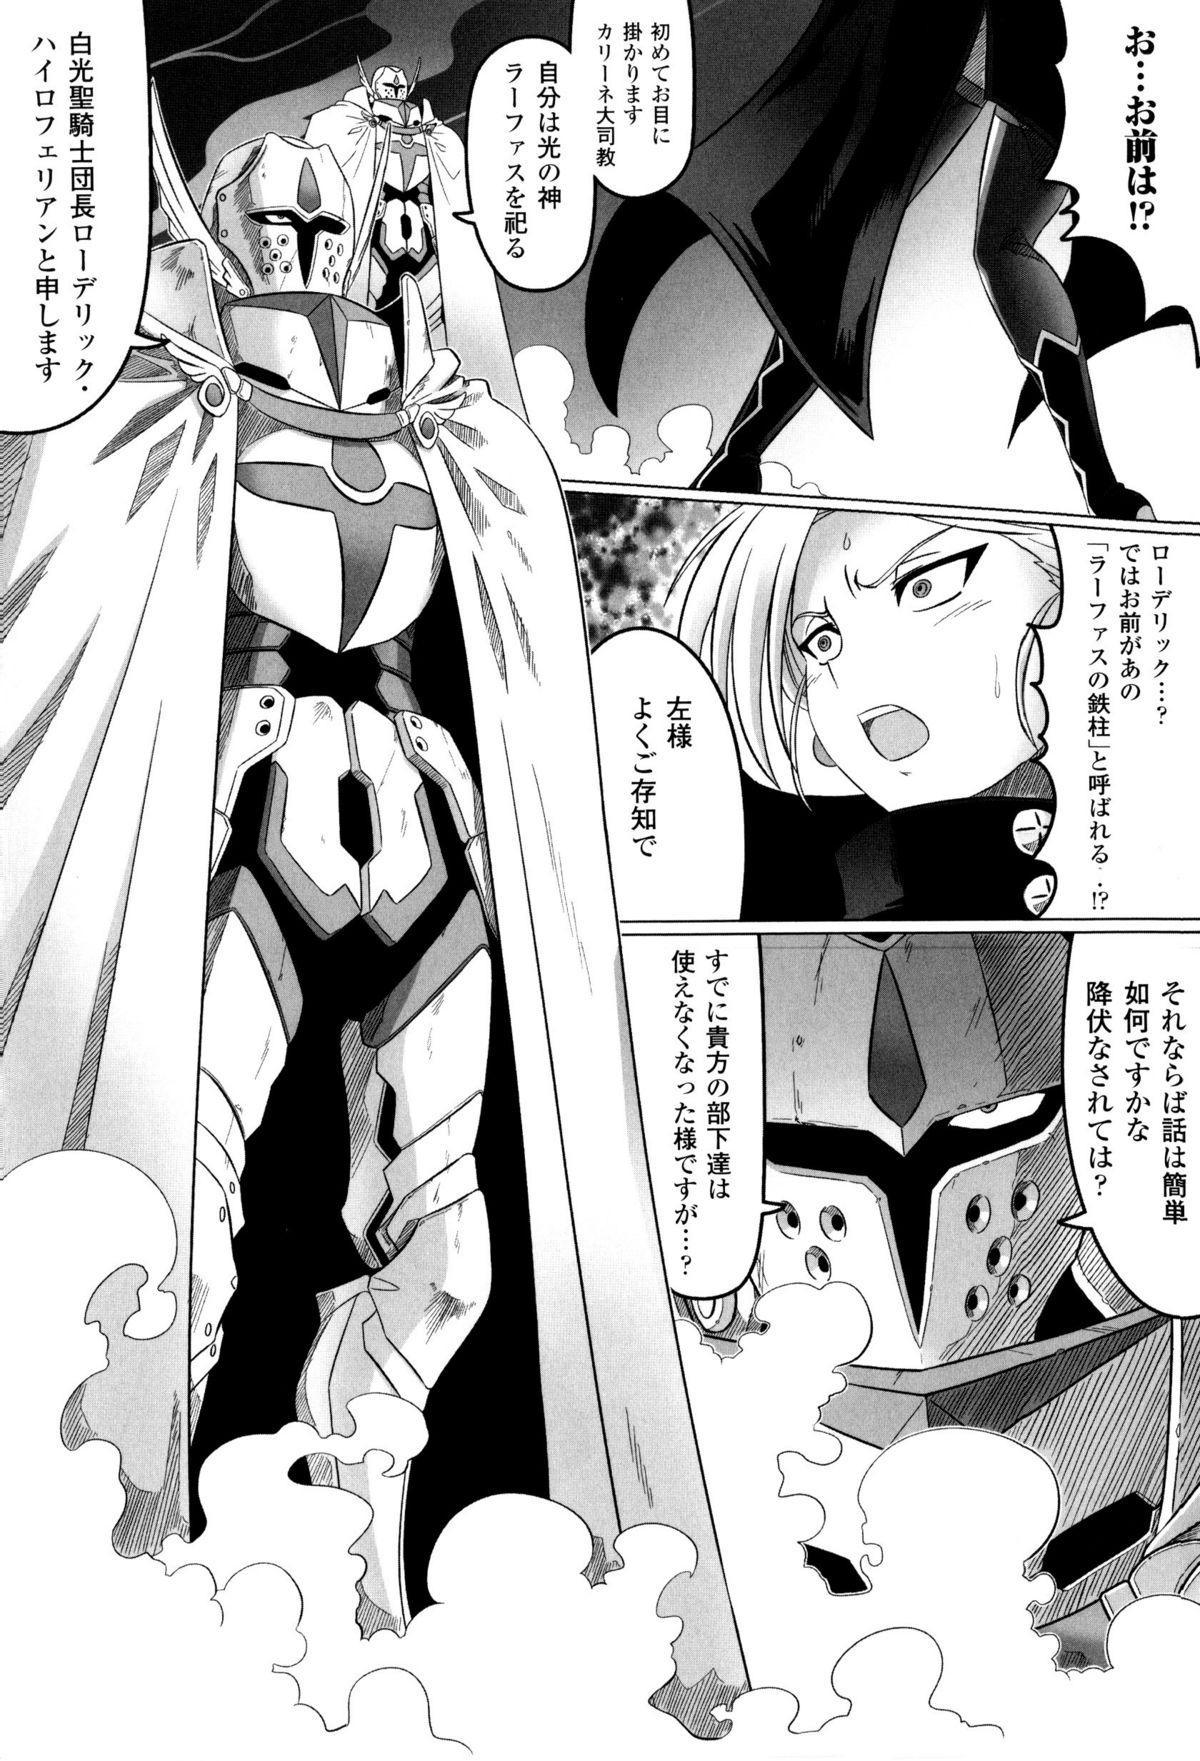 Toushin Engi Vol. 8 134